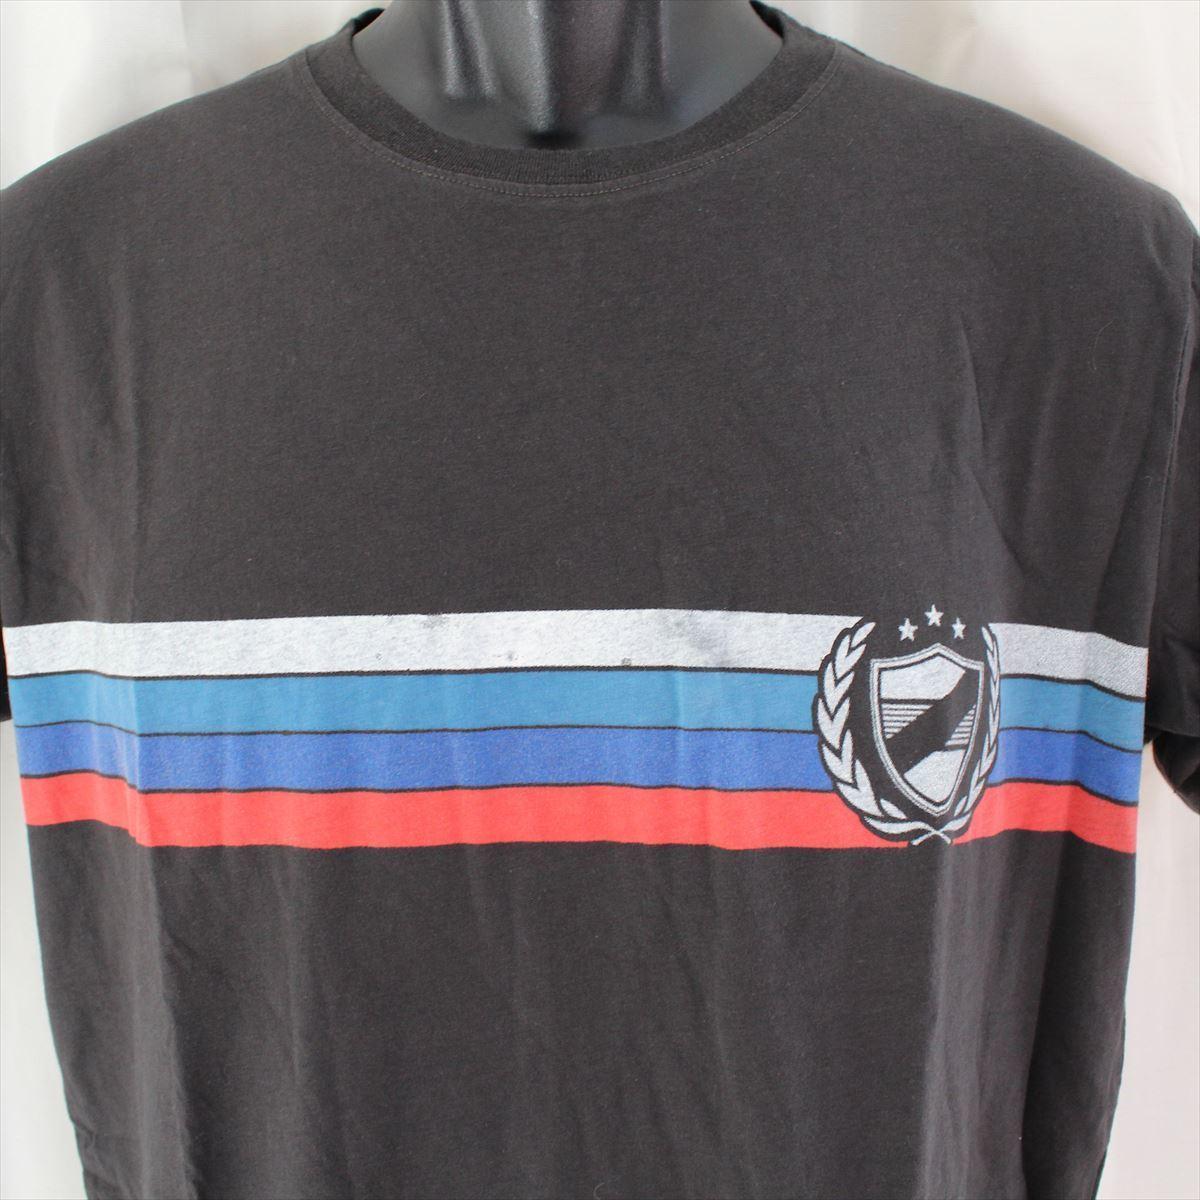 ゼインローブ ZANEROBE メンズ半袖Tシャツ ブラック Mサイズ 新品_画像2